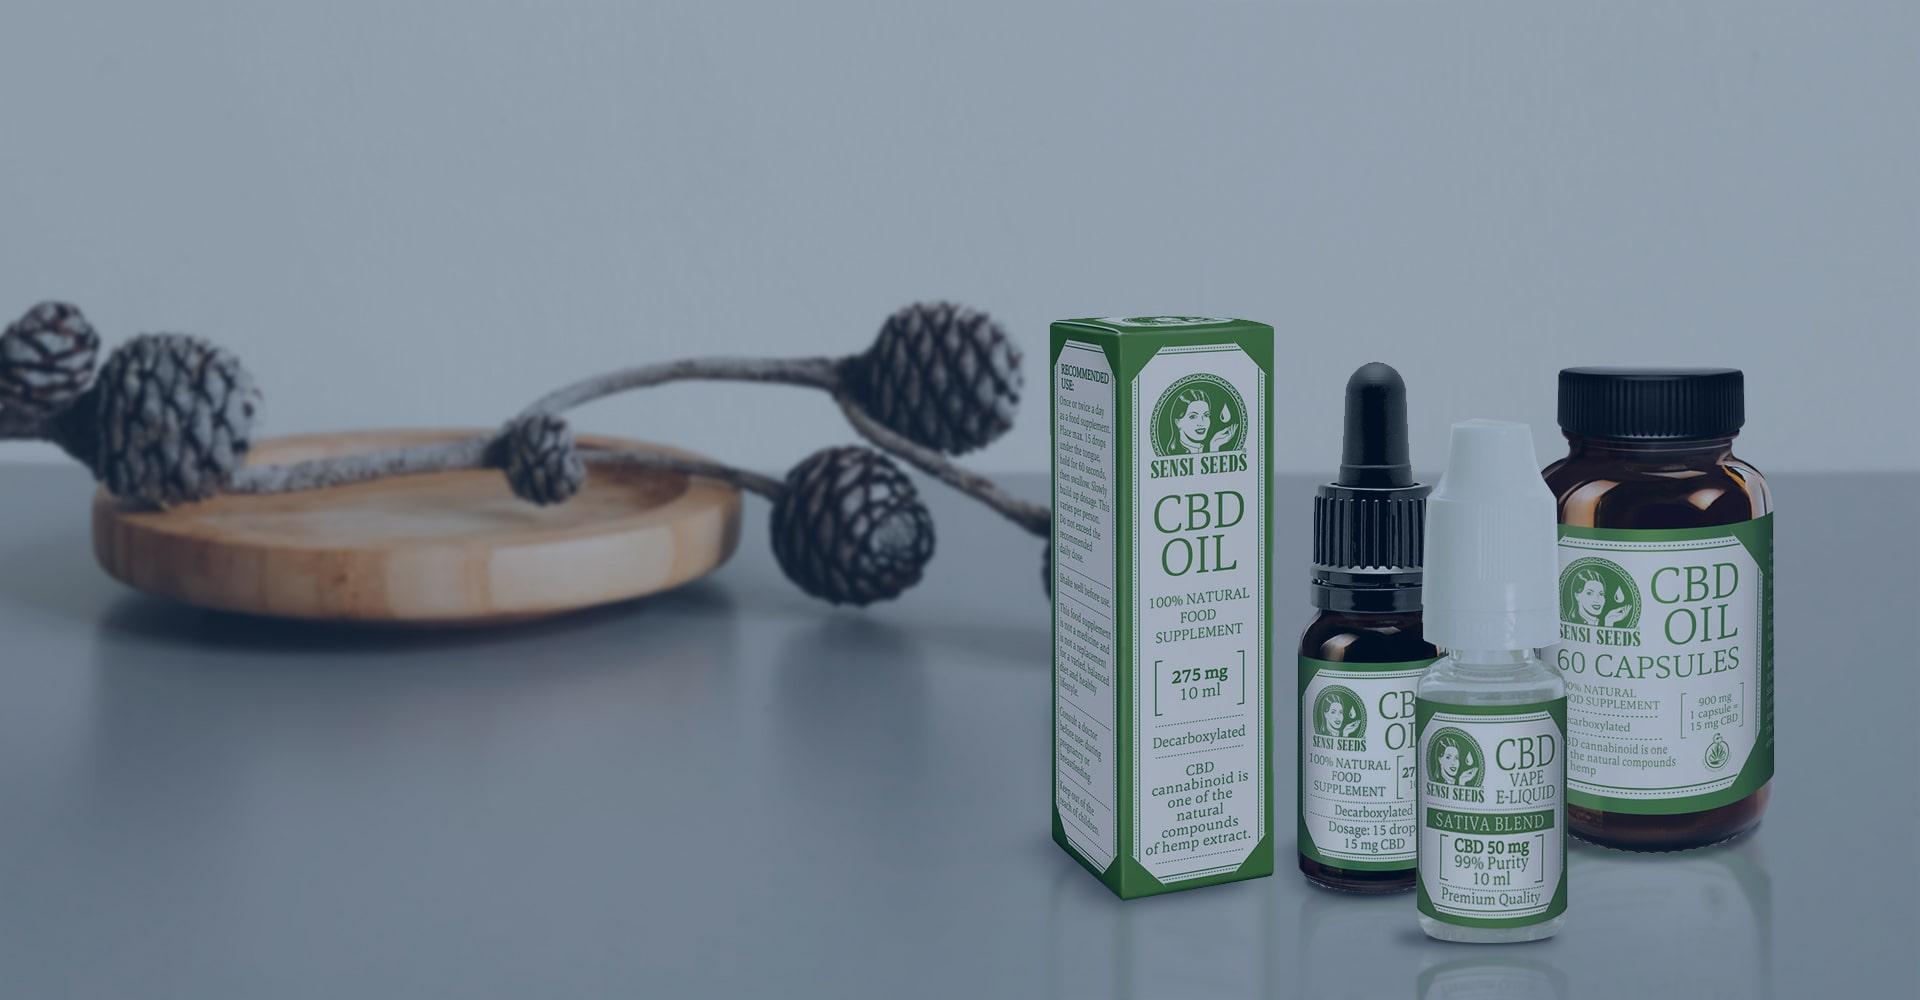 Sensi Seeds CBD-Öl [Ausführlicher Bericht] - KRAEUTERPRAXIS